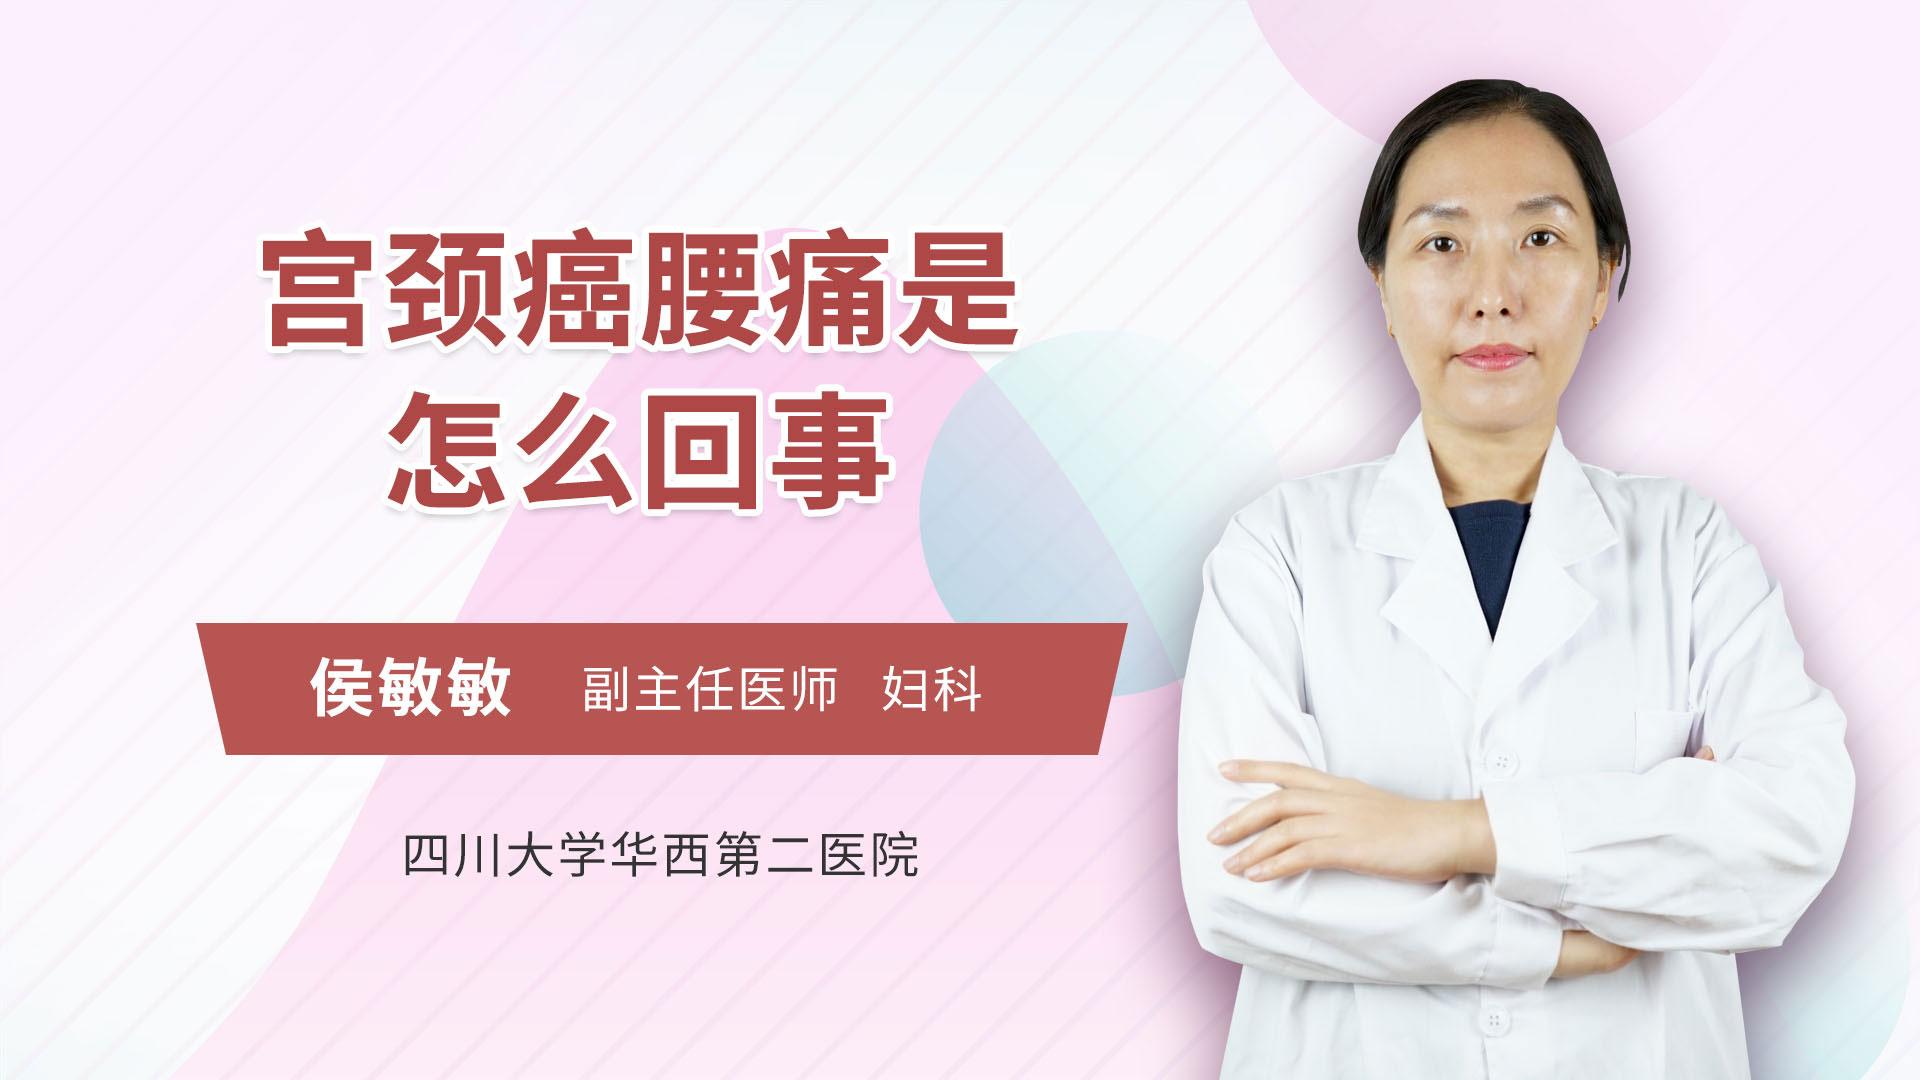 宫颈癌腰痛是怎么回事